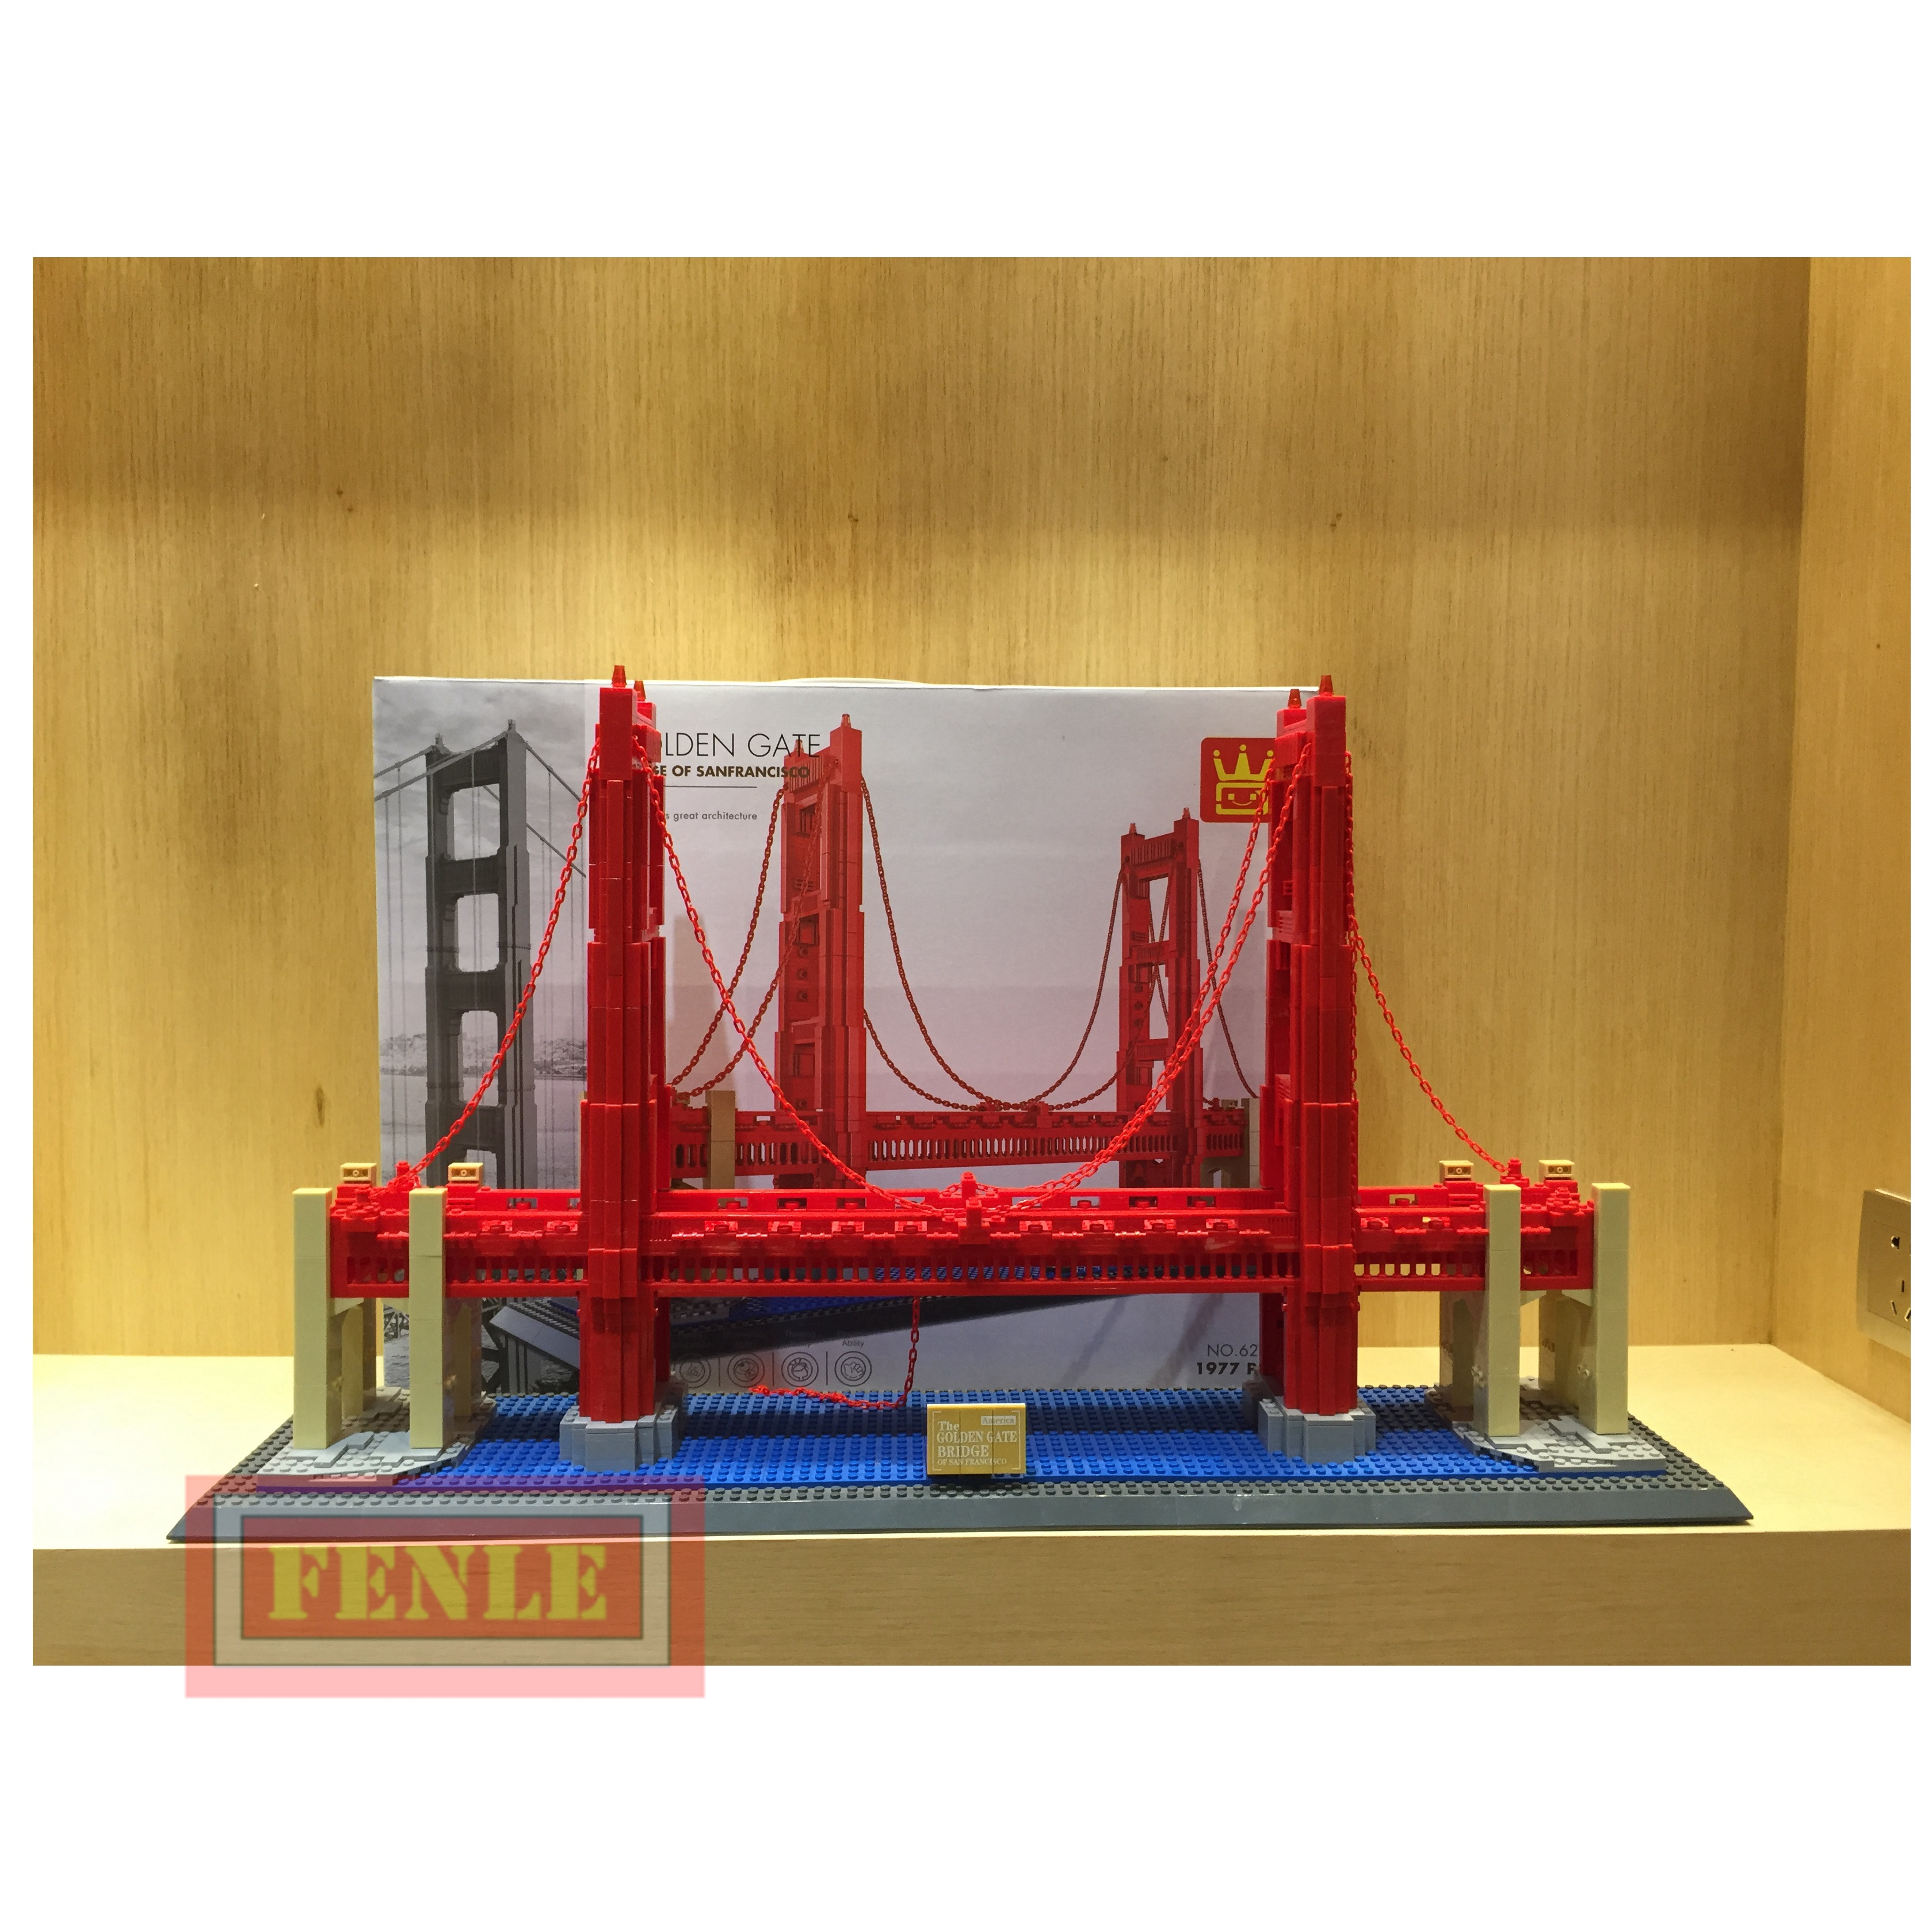 8023 6210 Famoso Edificio Serie Golden Gate Bridge 1977 Pcs Building Blocks Mattoni Set di Modello di Architettura Compatibile-in Blocchi da Giocattoli e hobby su  Gruppo 1